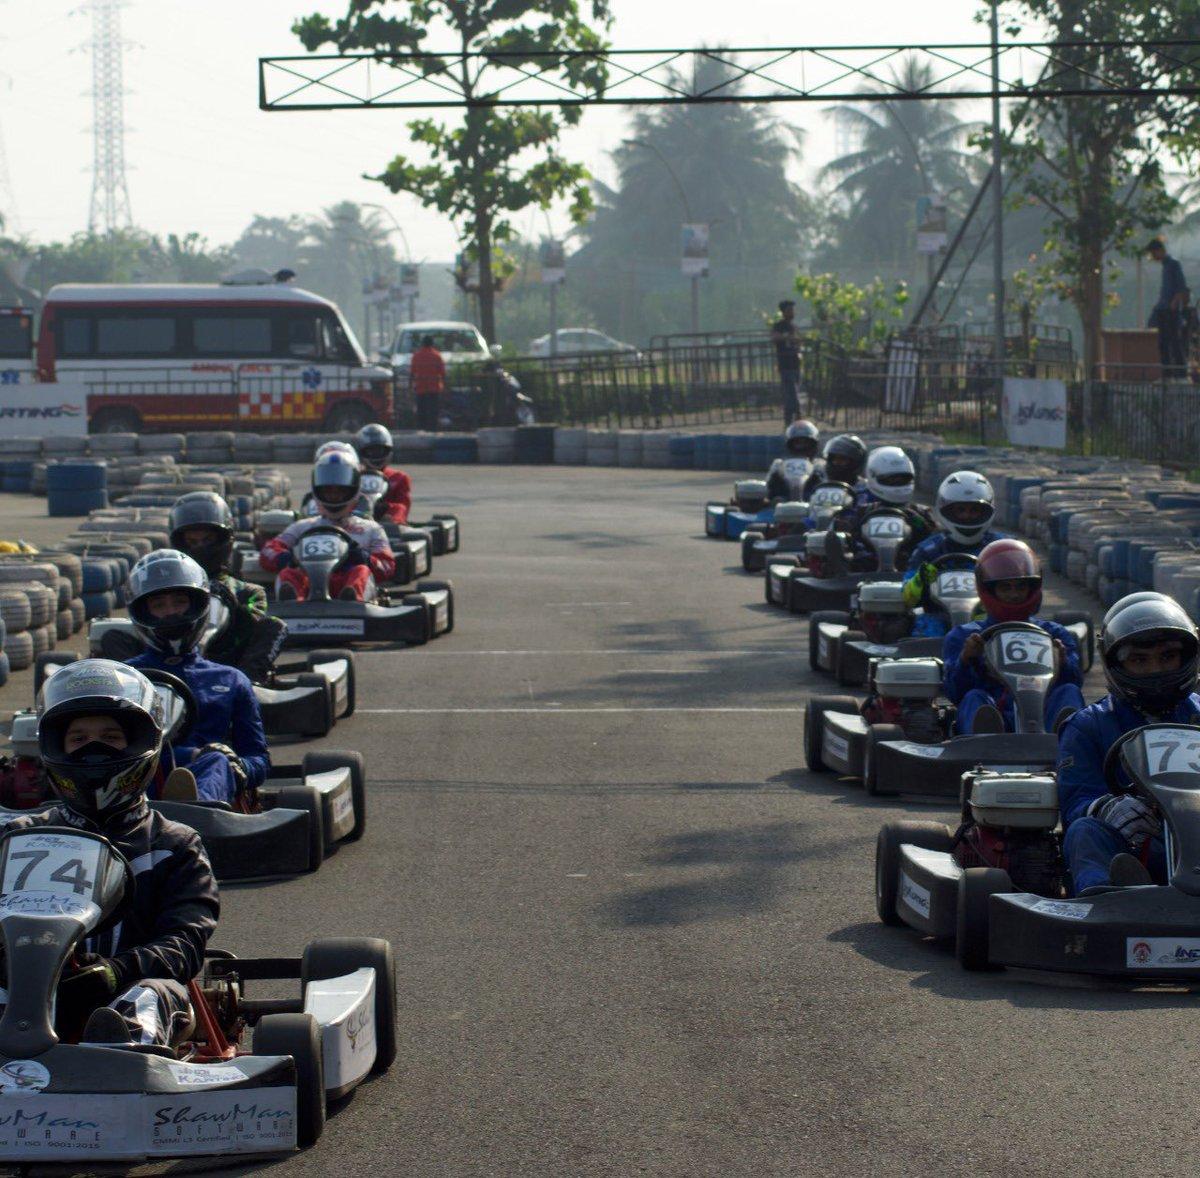 All ready to start and get the show on the road.  #IndiKarting #AjmeraIndikarting #RayoRacing #karts #gokarting #kartracing #racekarts #race #racers #racing #winner #winners #champion #champions #motorsport #kartinglovers #gokarts #speed #kartingmania #formula #gokart #mumbai https://t.co/zpksBMGzCI